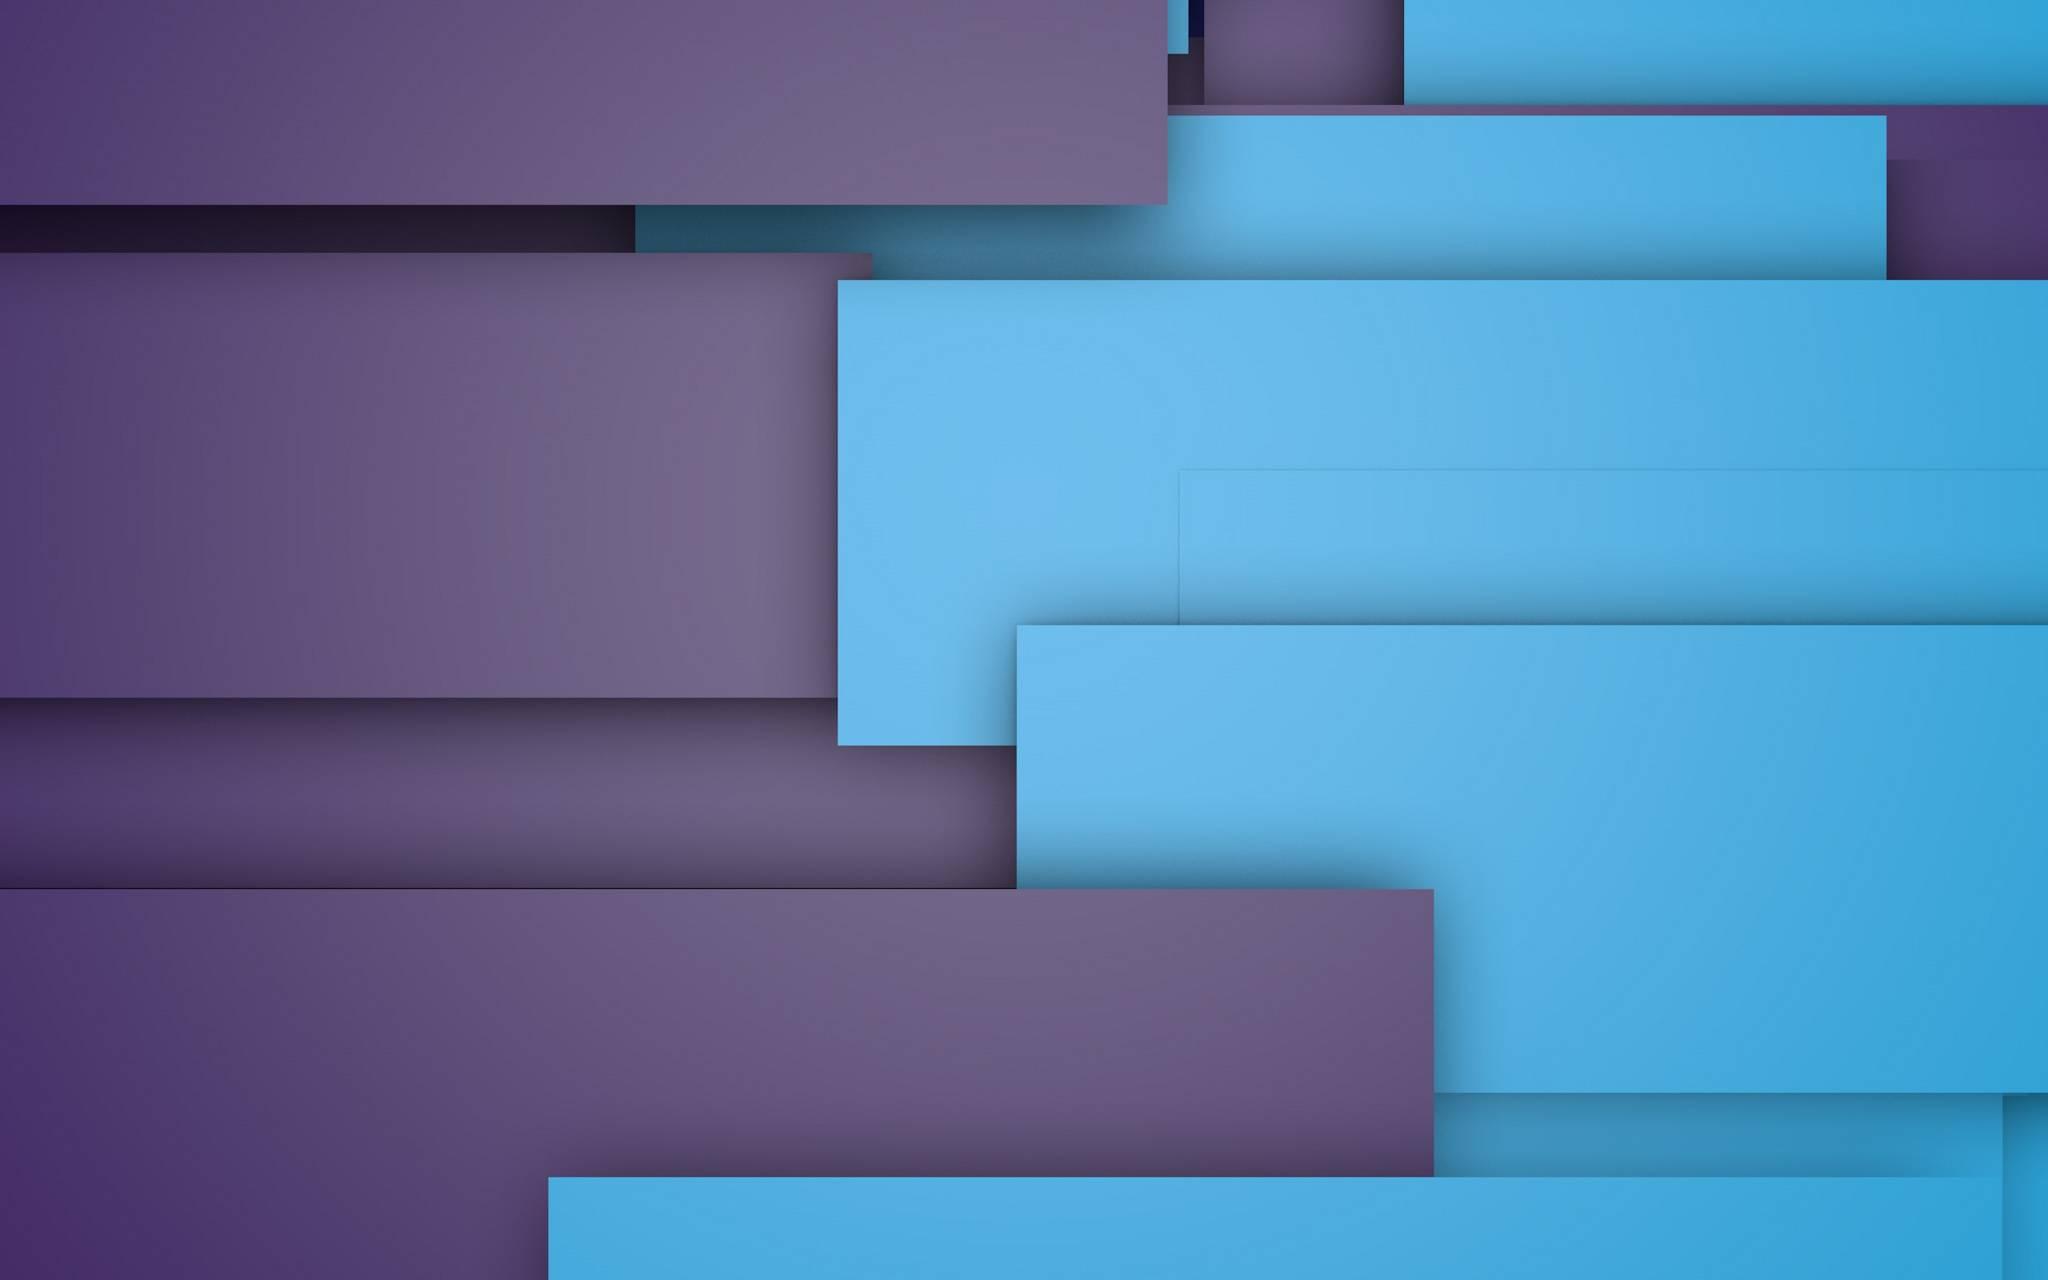 MaterialDesignW